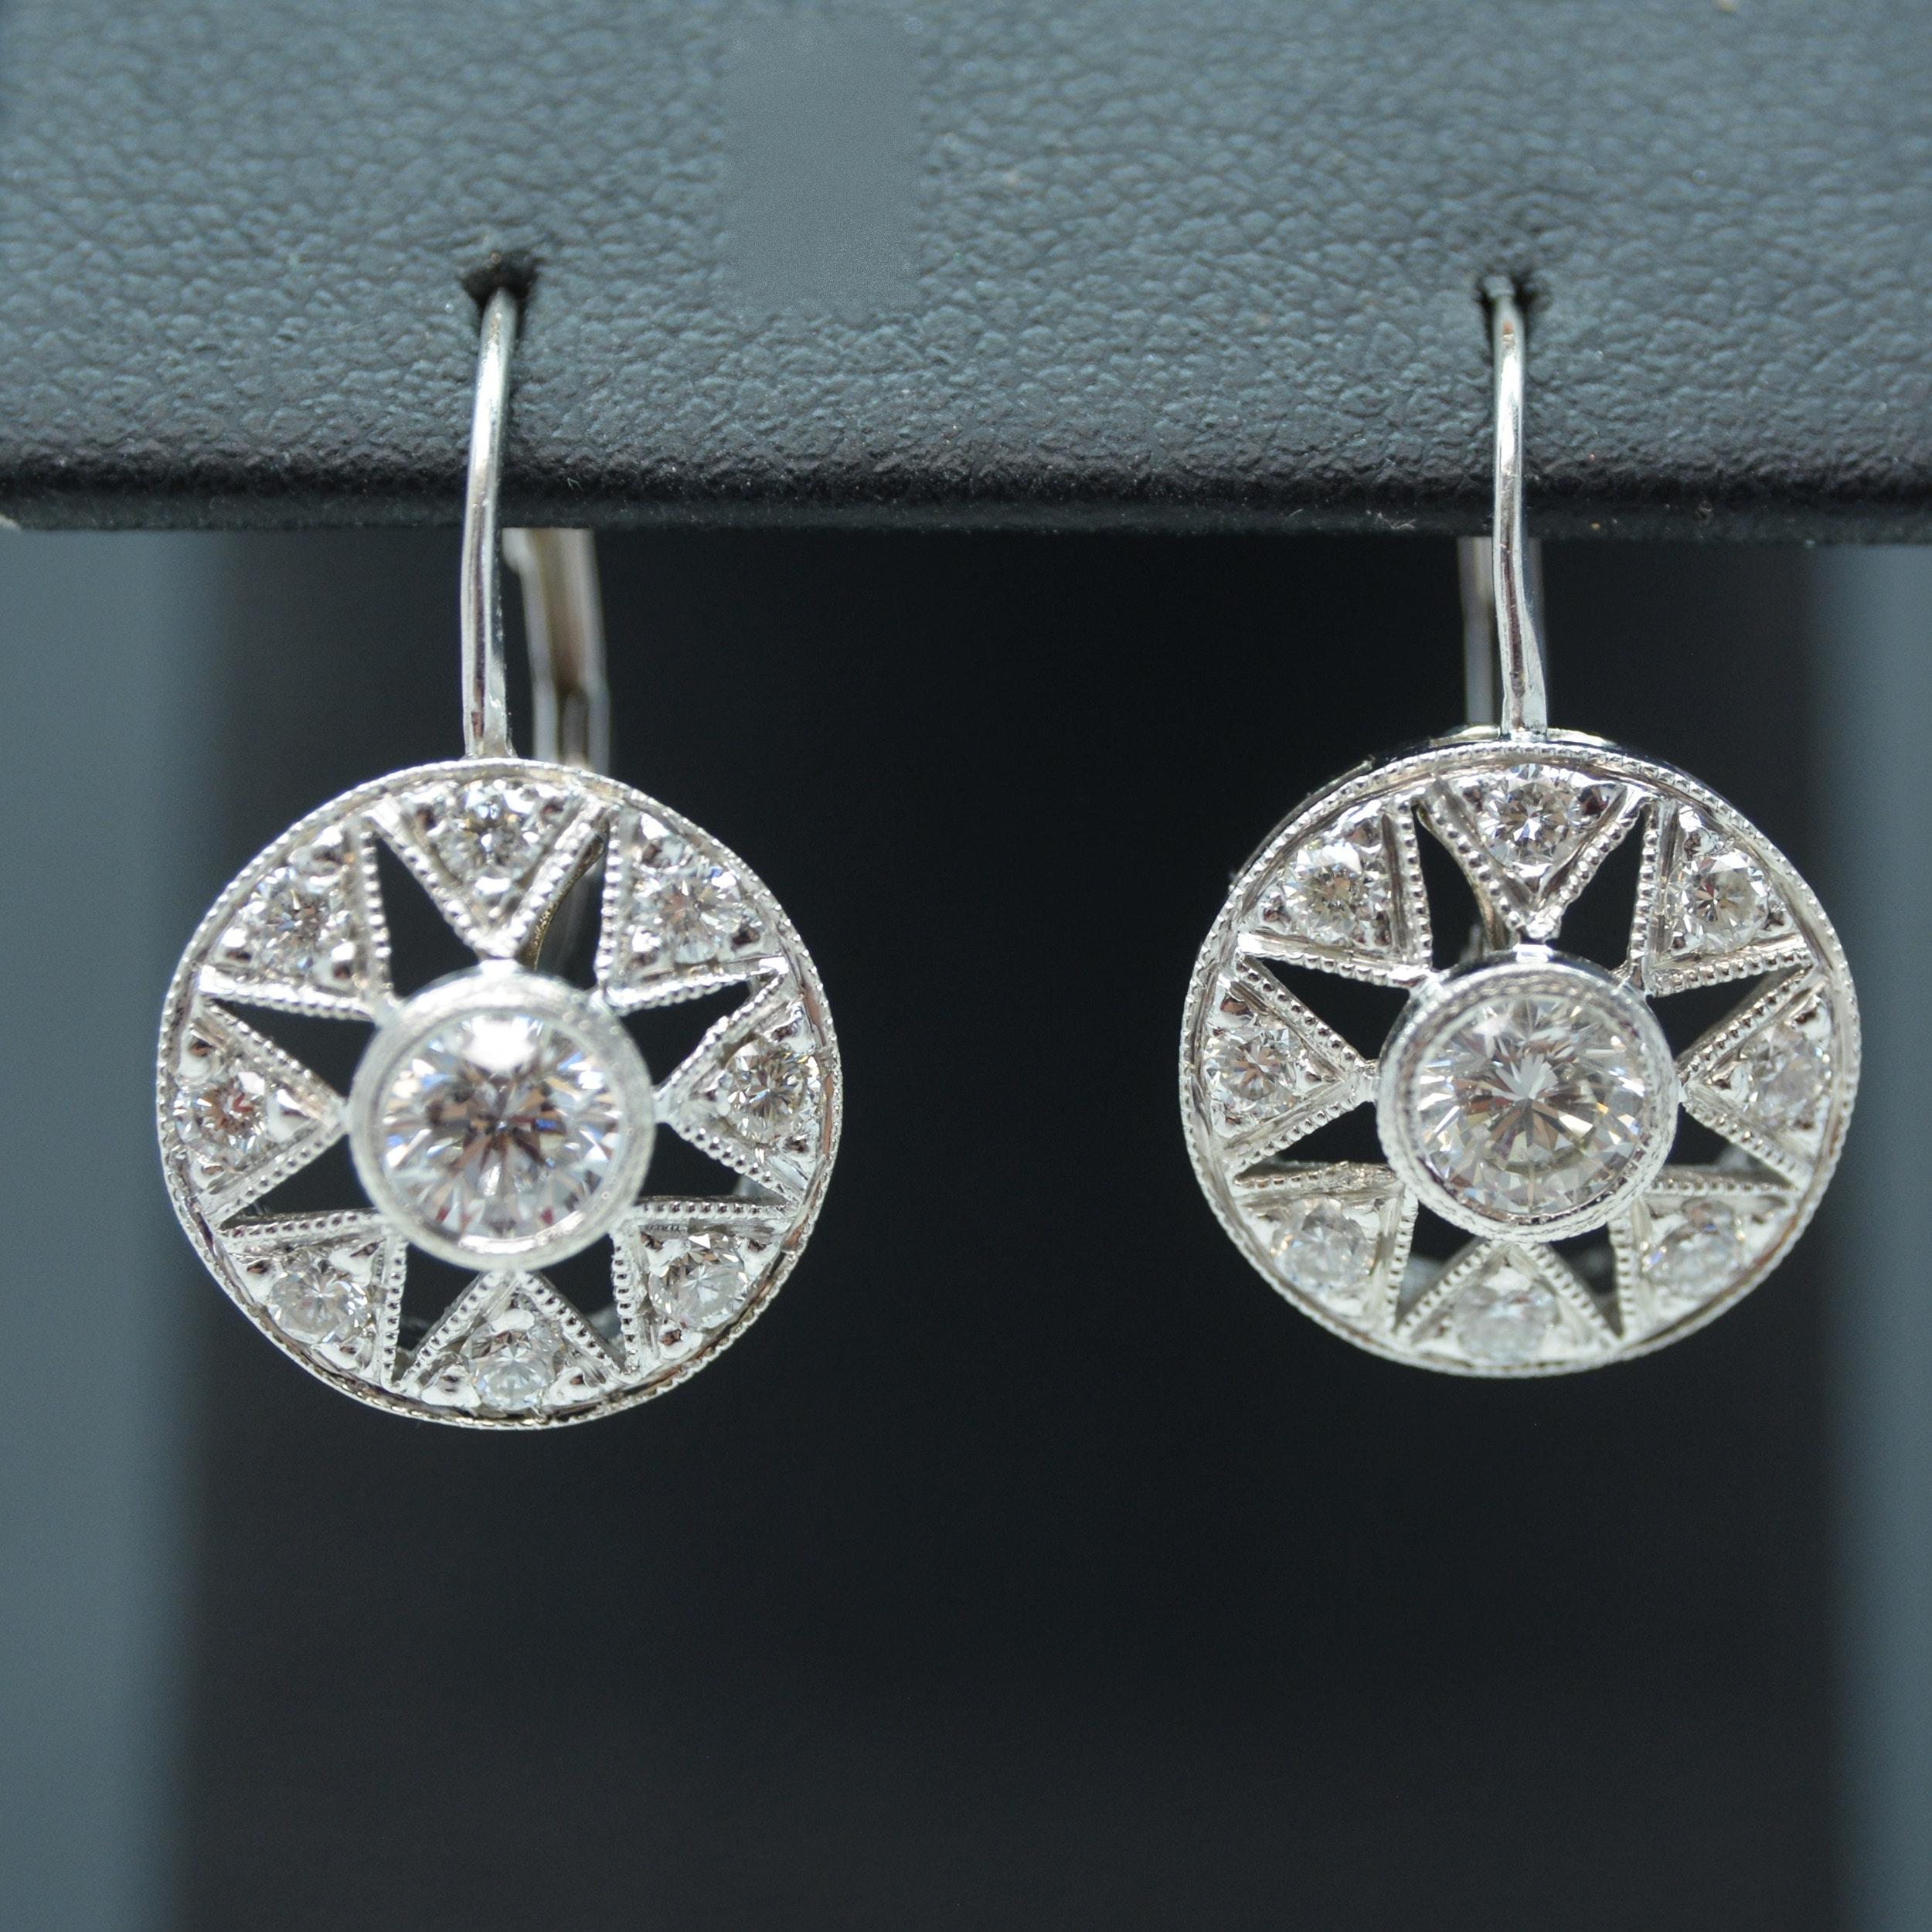 18K White Gold 1.18 CTW Diamond Earrings